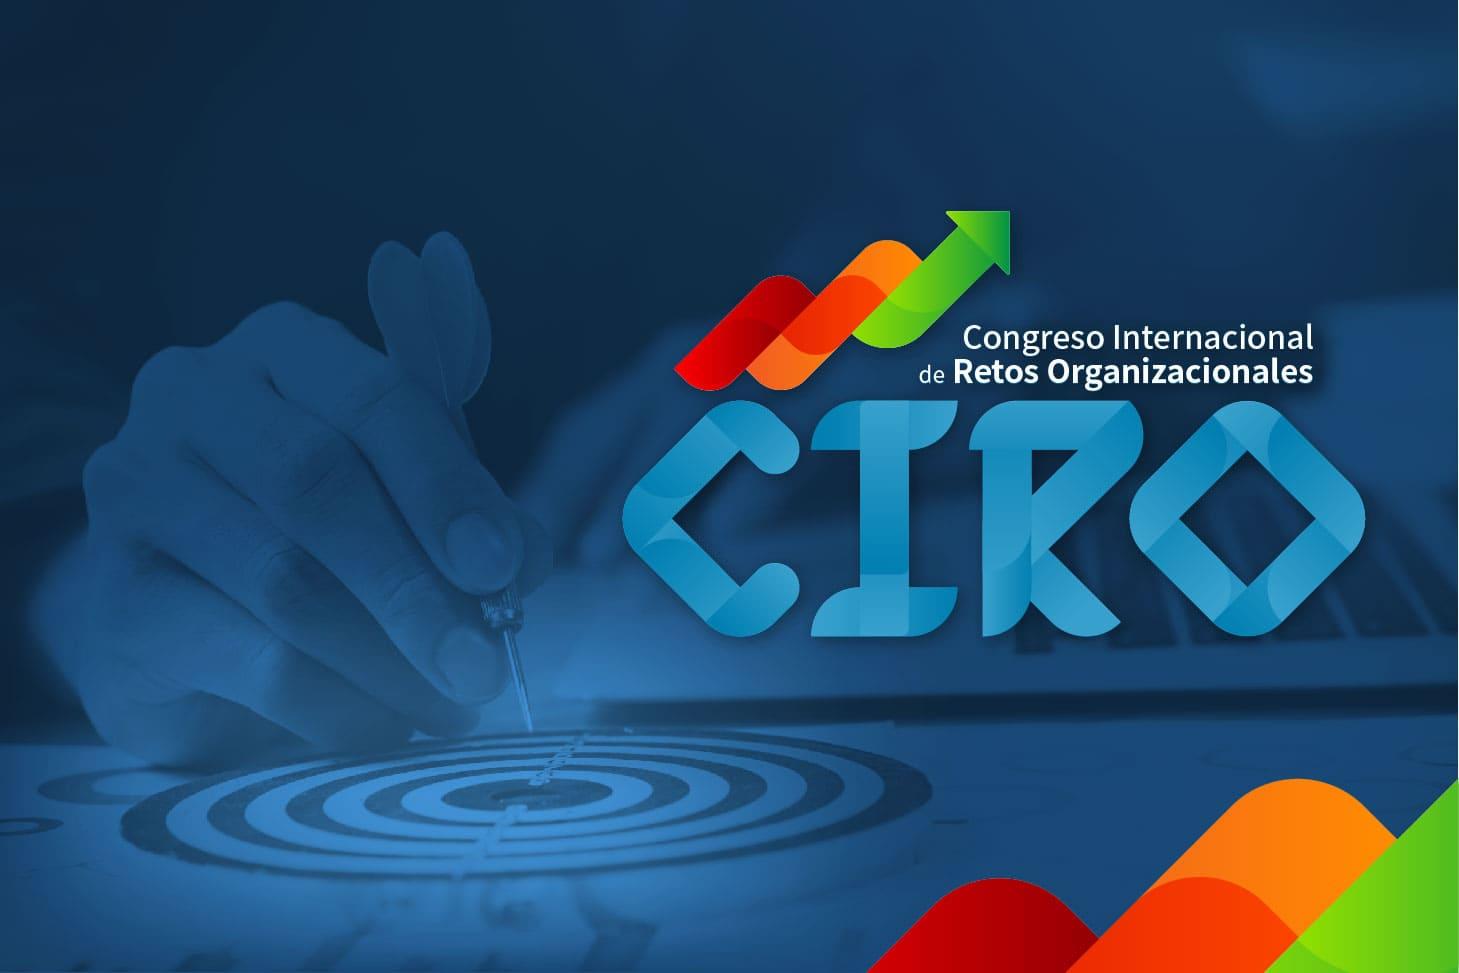 Congreso Internacional de Retos Organizacionales 2022IUSH